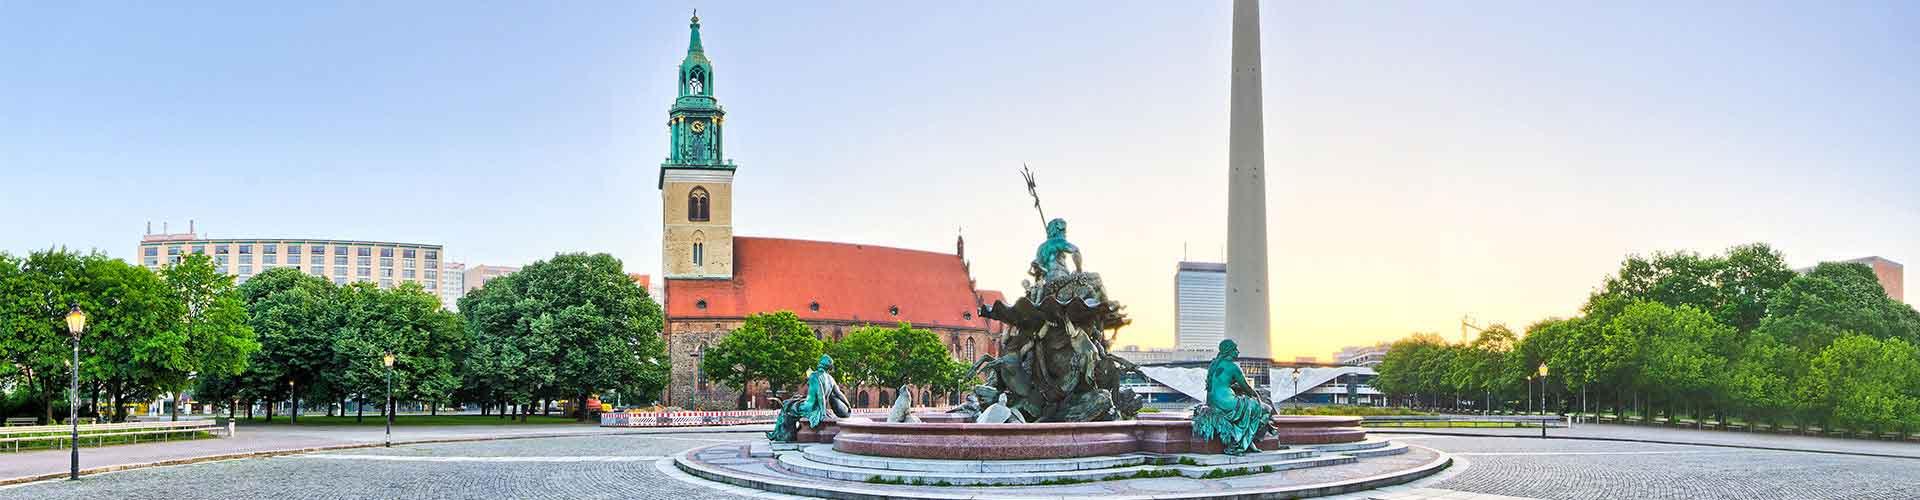 Berlín - Hostelů v blízkosti Fernsehturm. Mapy pro Berlín, fotky a recenze pro každý hostel v Berlín.